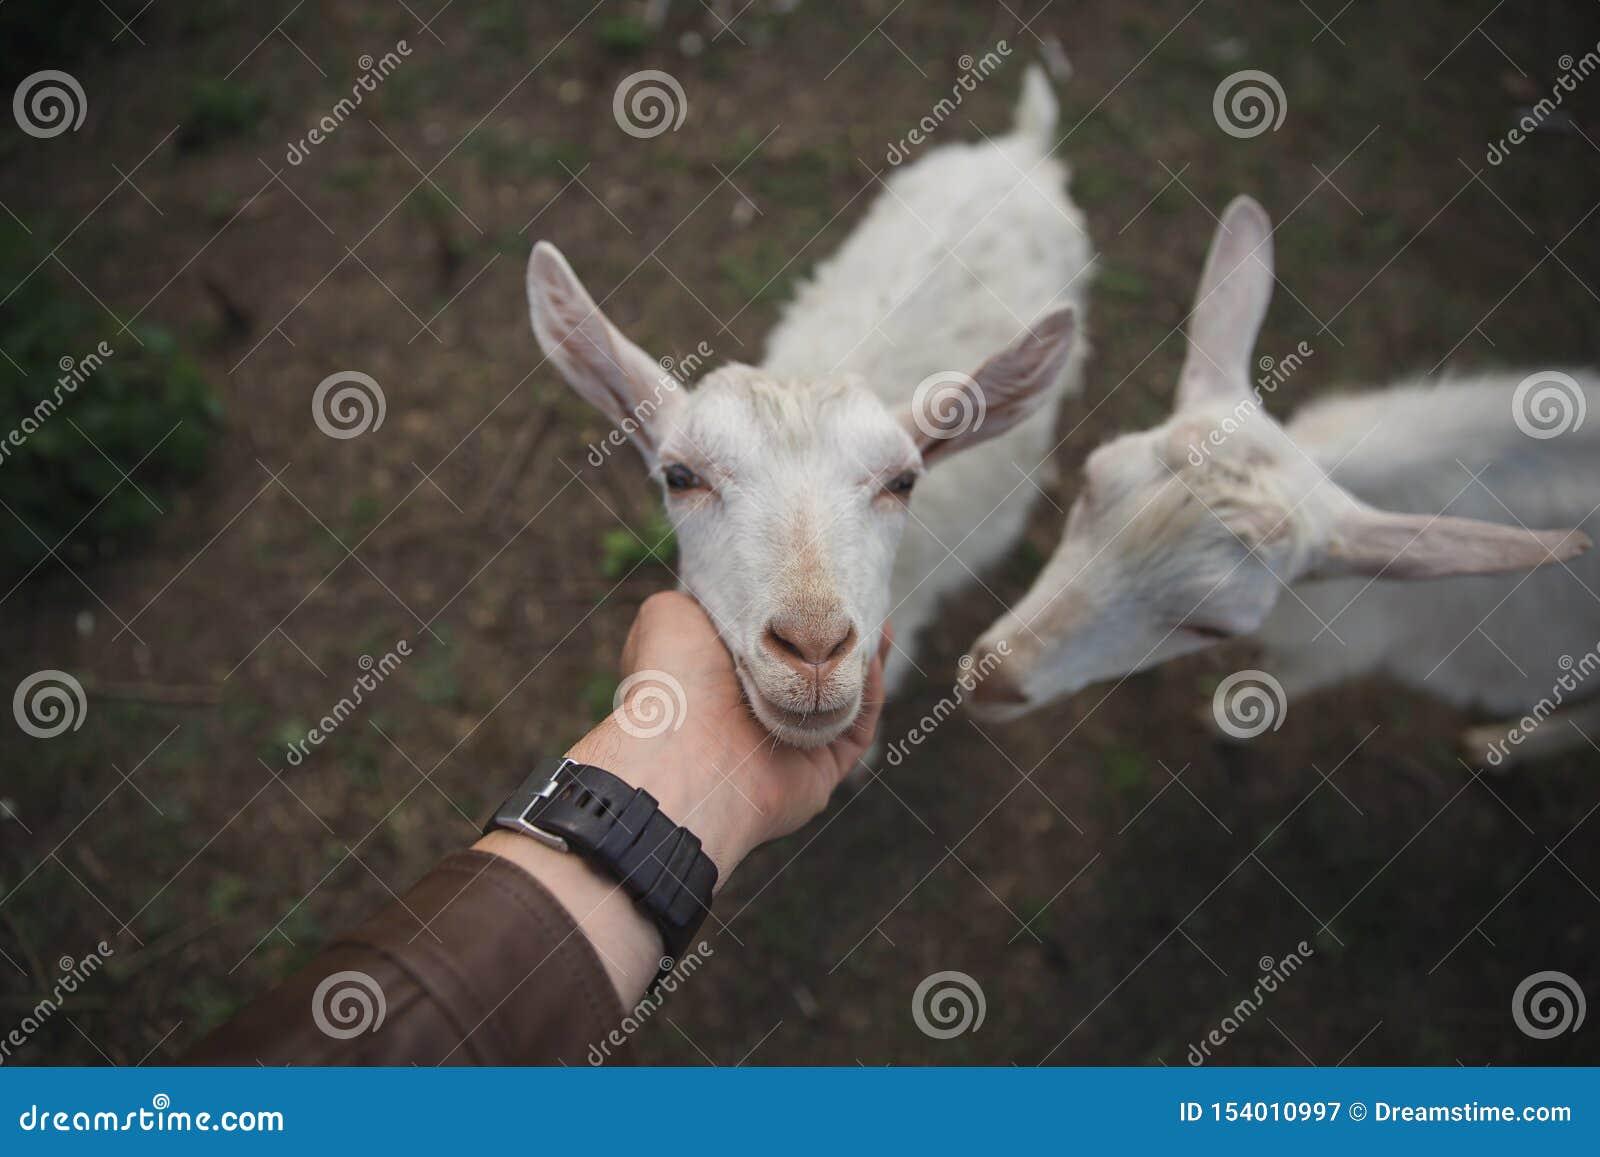 De mens streelt een witte geit op een landbouwbedrijf